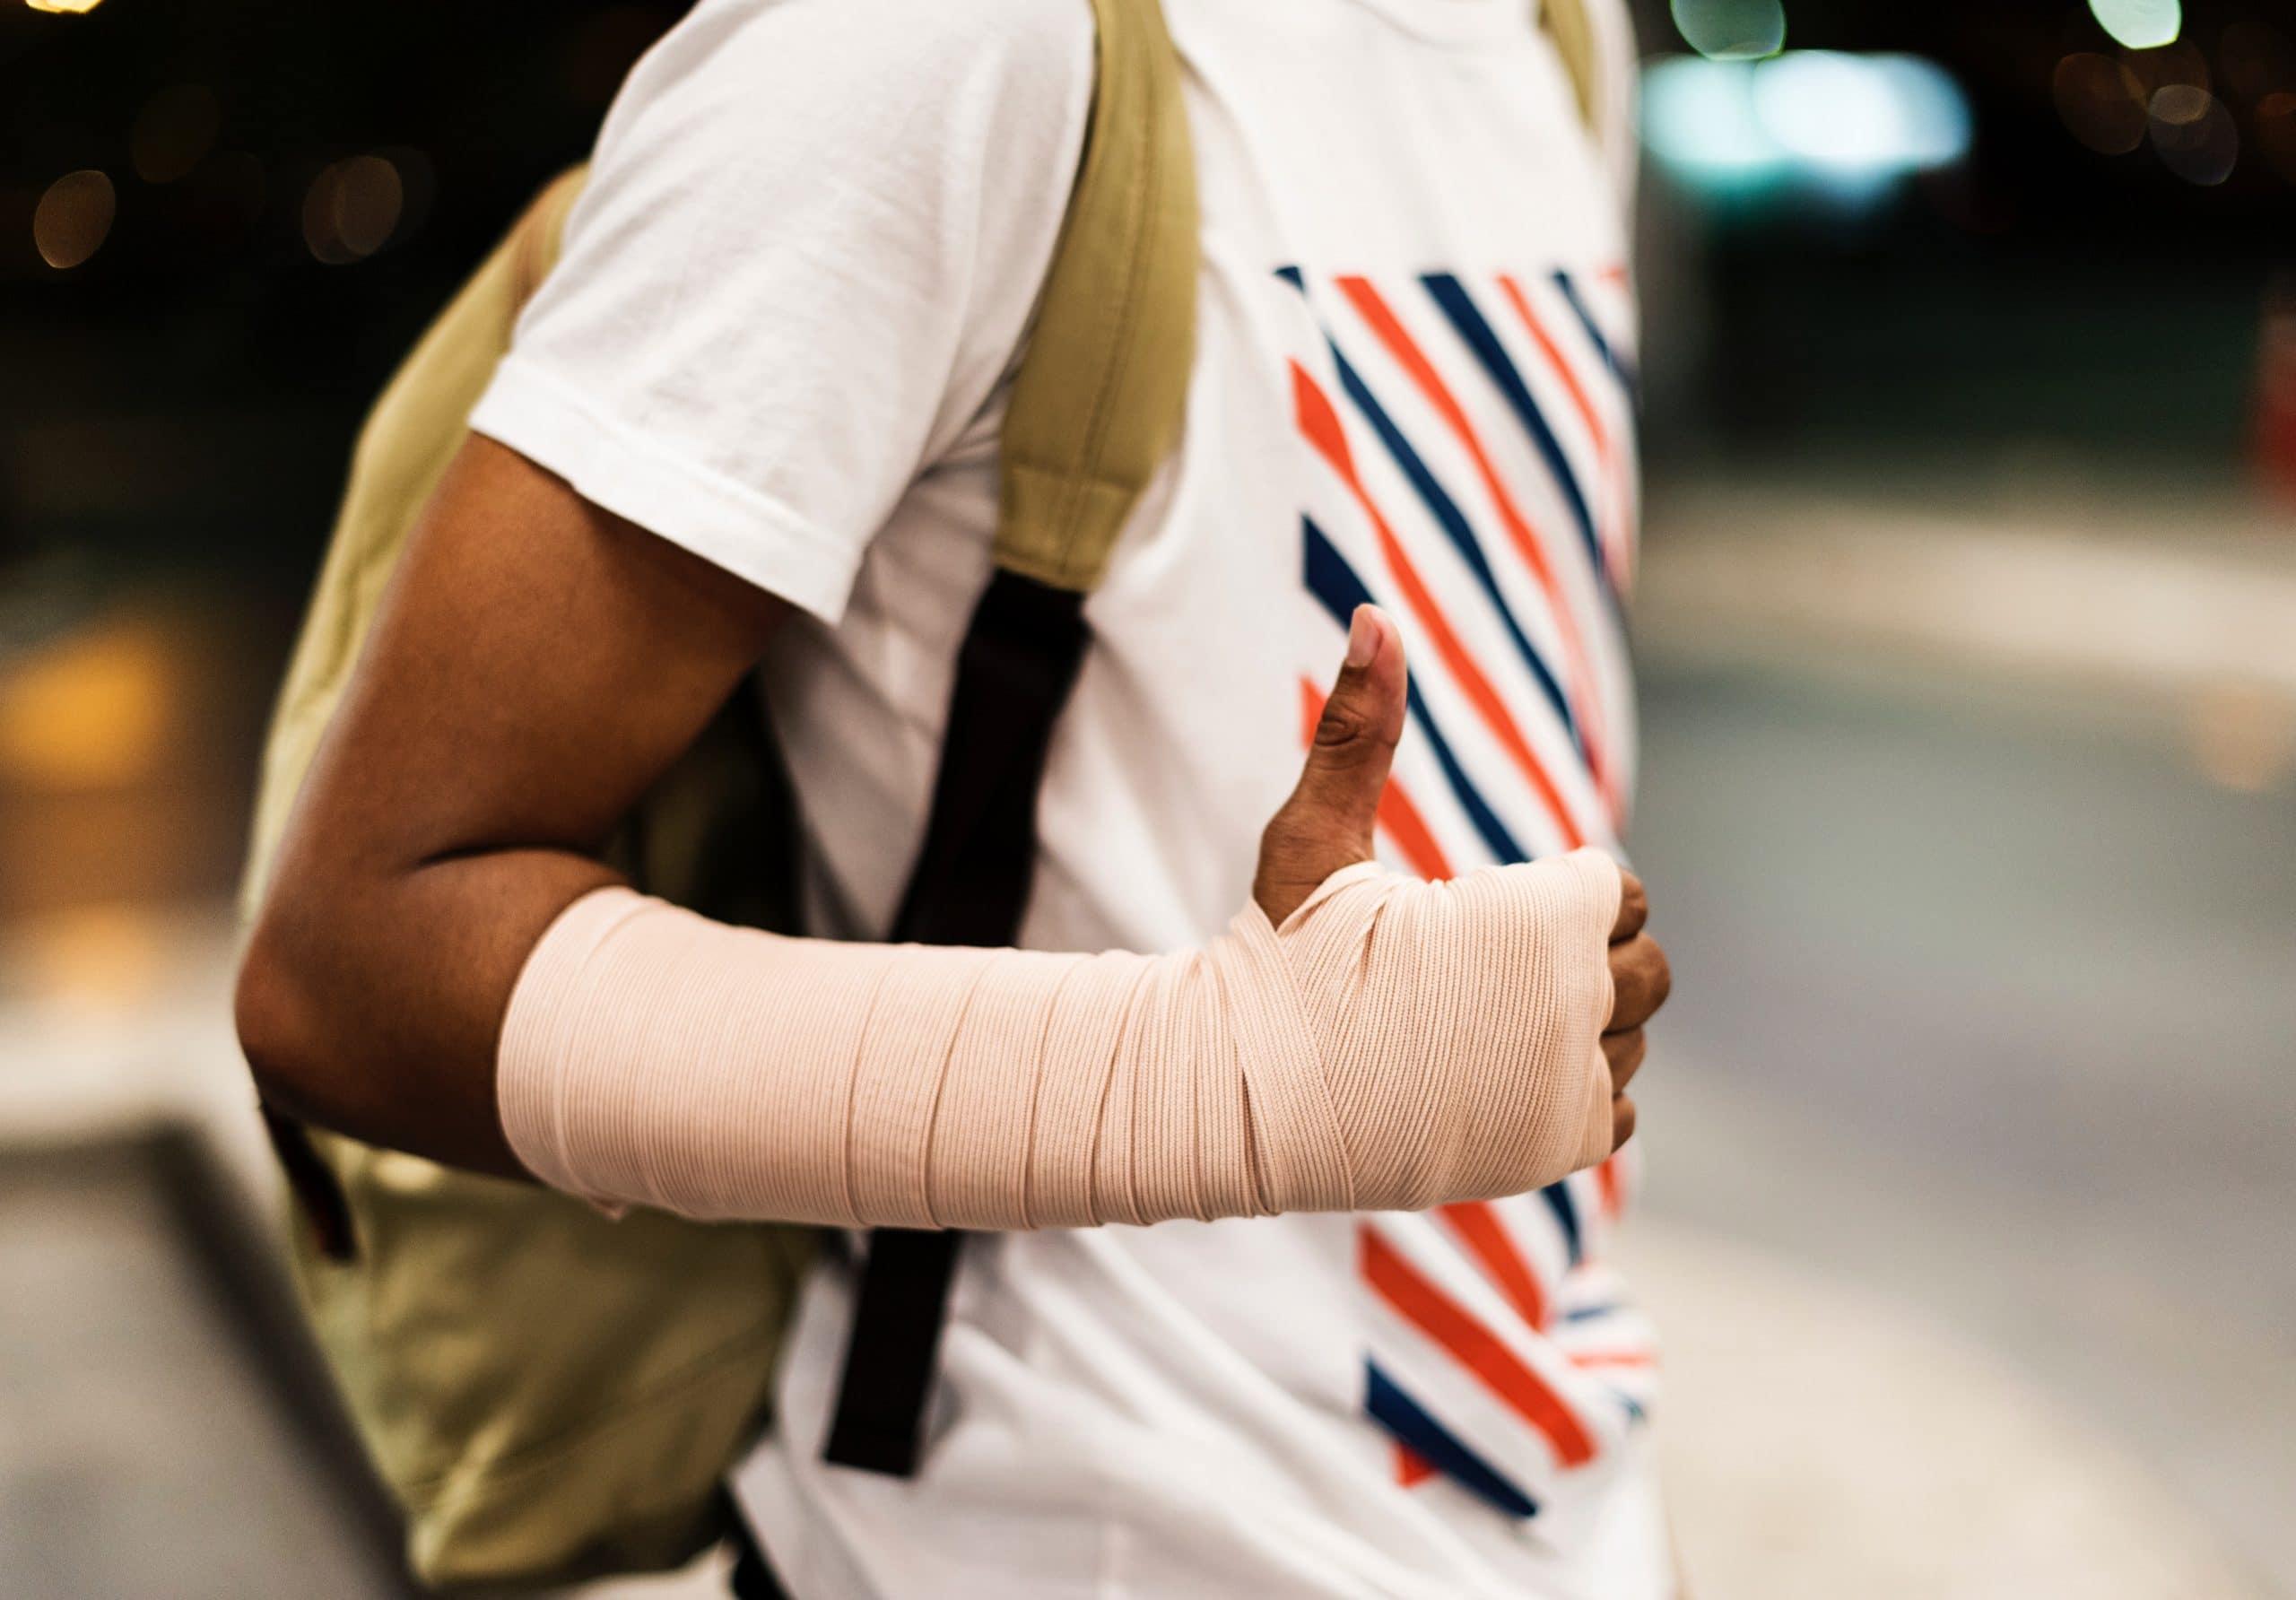 Homem com o braço engessado fazendo sinal de positivo.